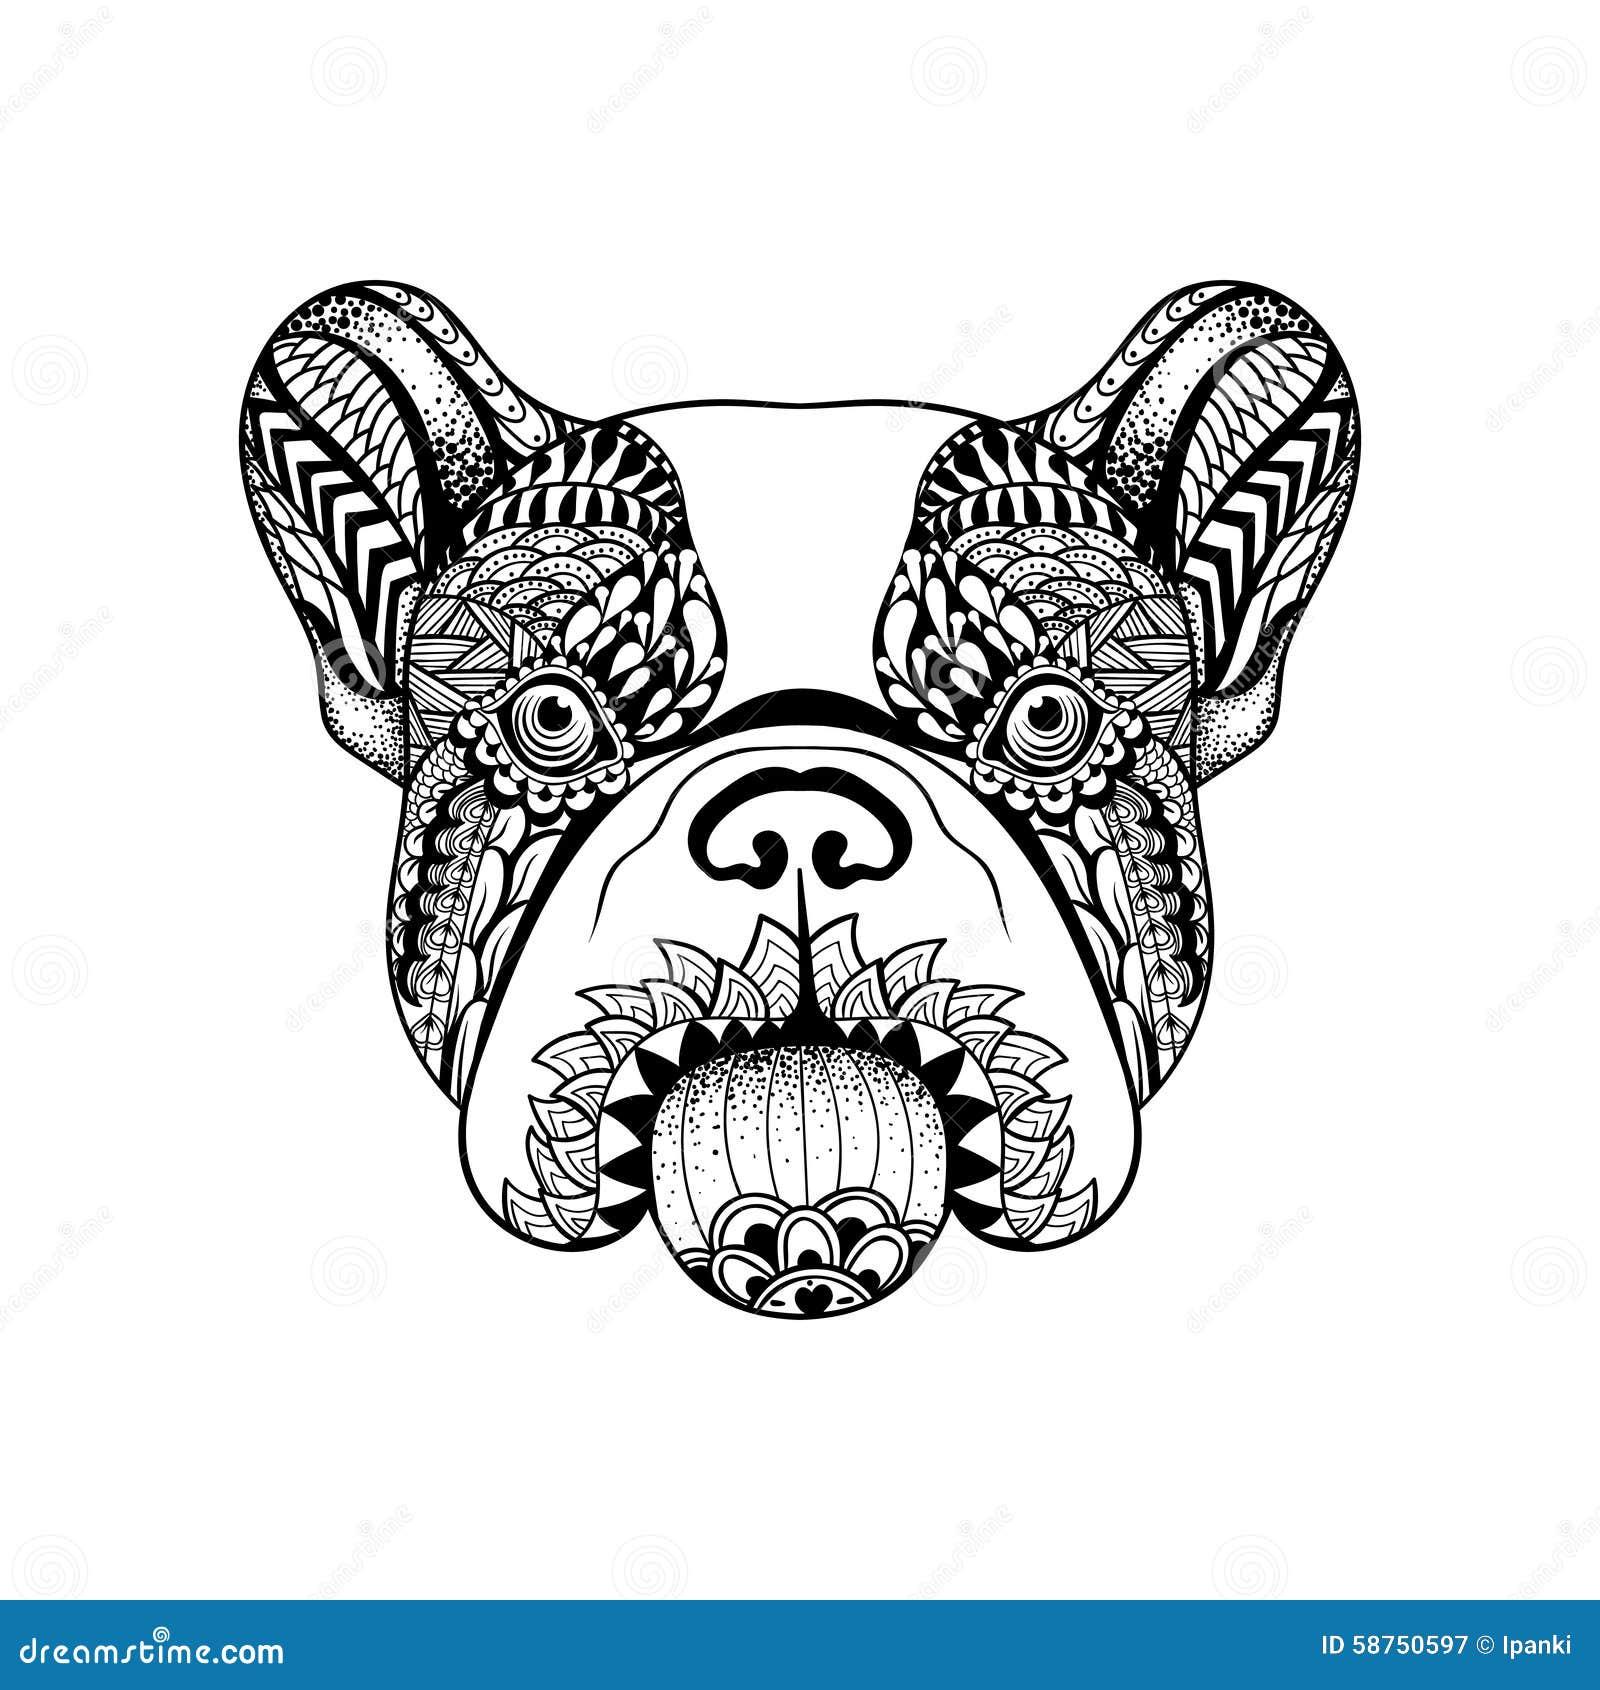 Pinterest Bassethound Kleurplaten Voor Volwassenen Zentangle Stylized French Bulldog Face Hand Drawn Dog